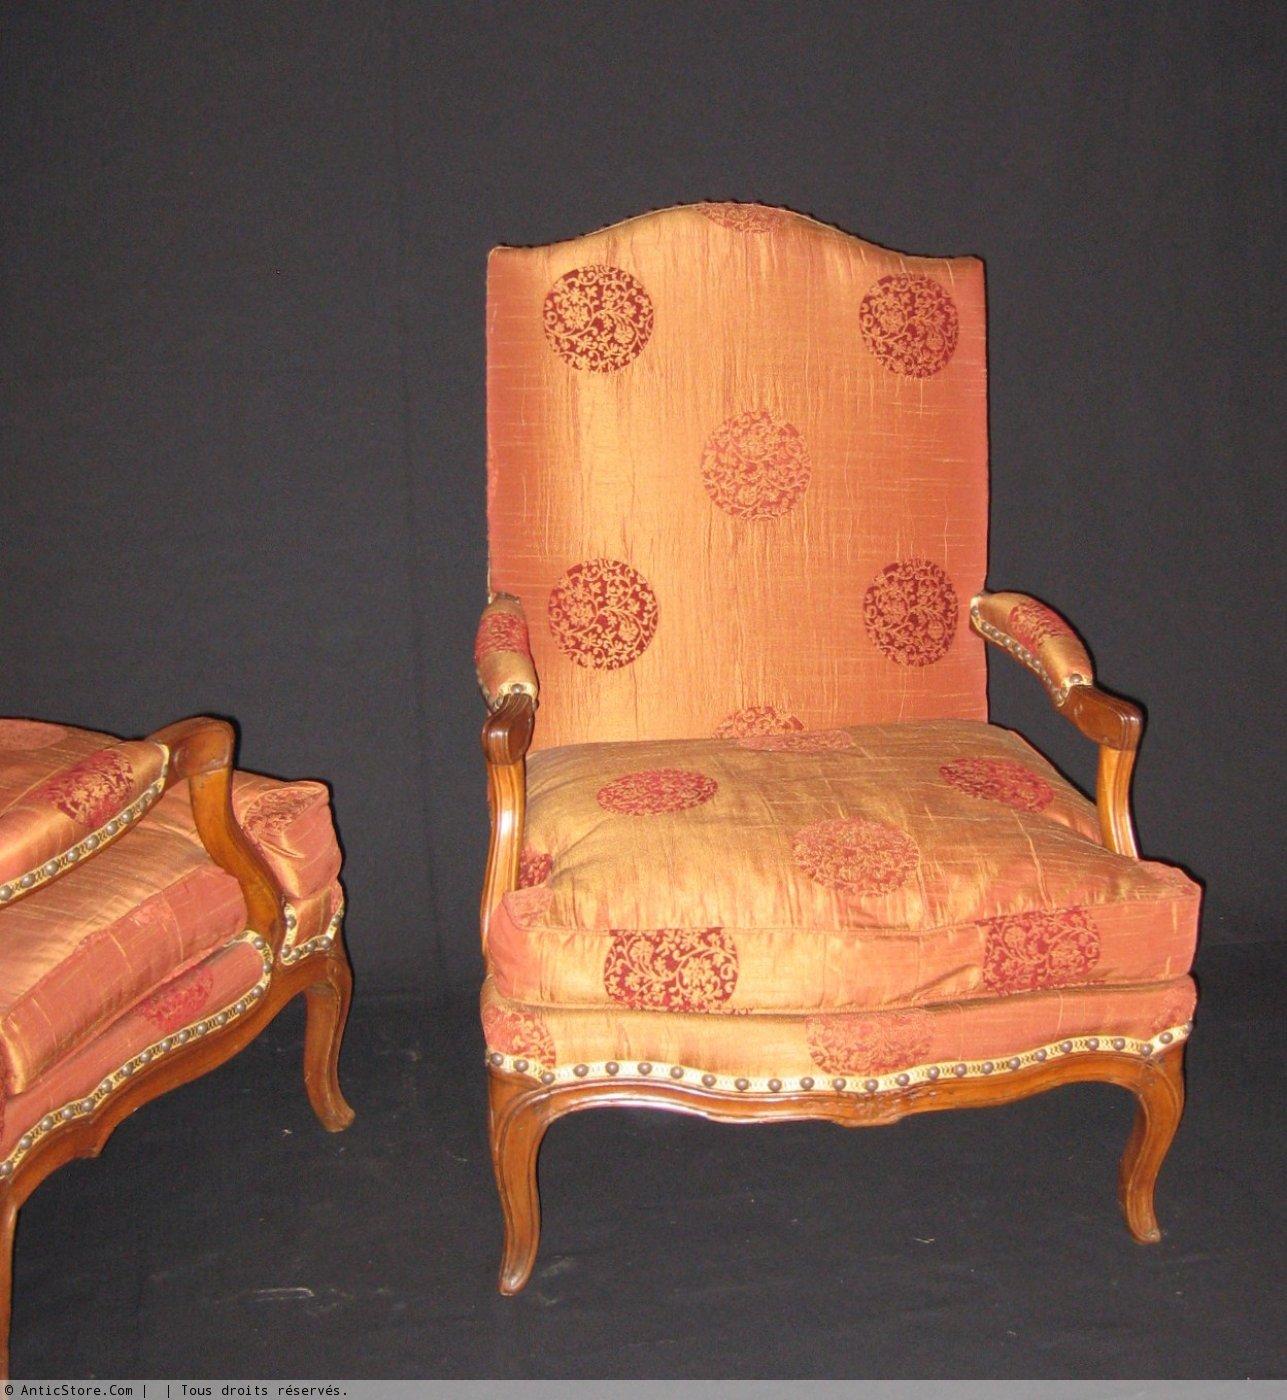 paire de fauteuils coin de feu d 39 poque louis xv xviiie si cle. Black Bedroom Furniture Sets. Home Design Ideas